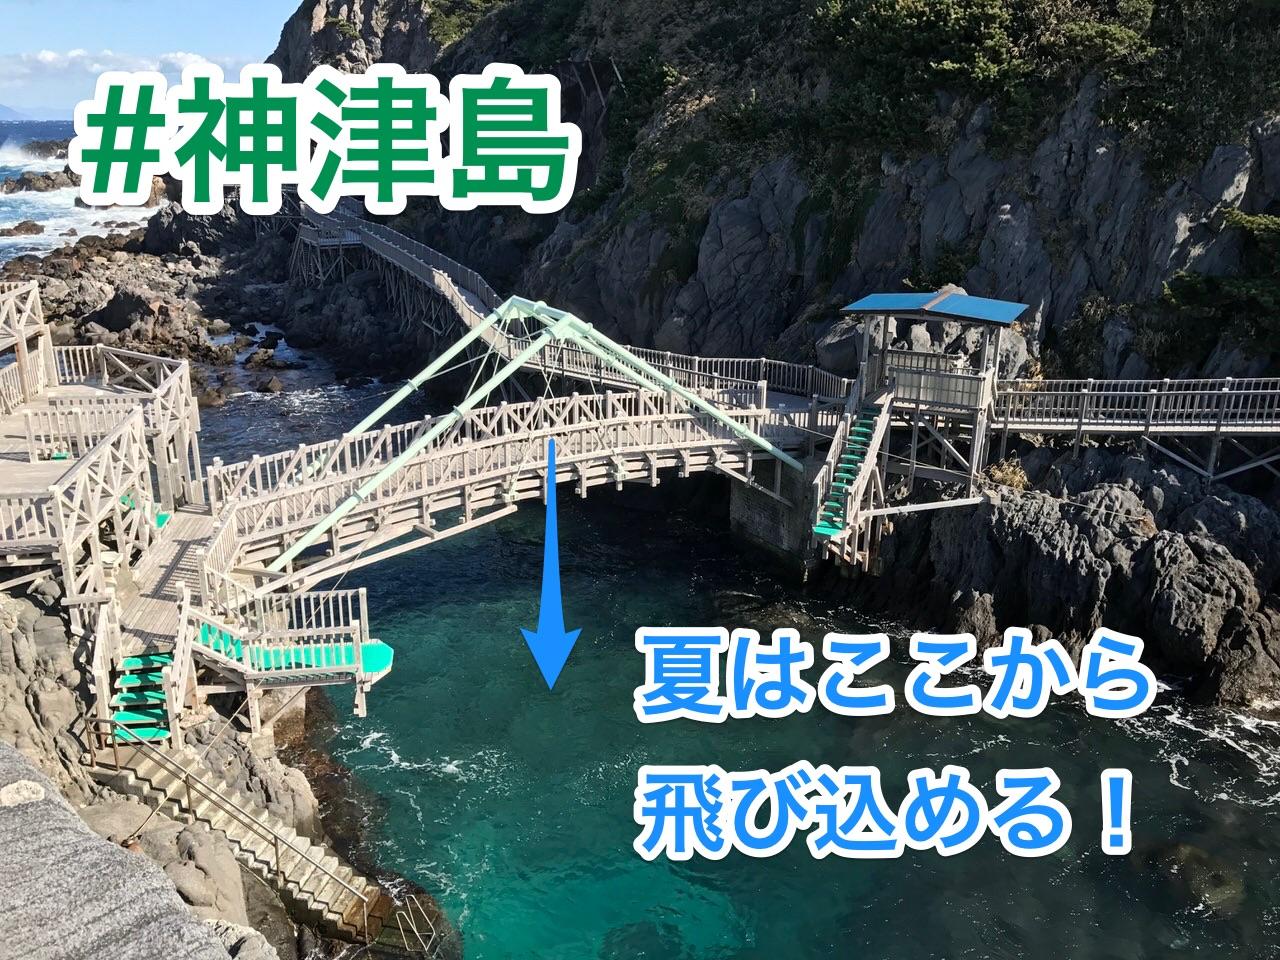 神津島観光 〜松山遊歩道のマリンアクティビティに驚愕!【PR】 #tokyoreporter #tamashima #tokyo #kozushima